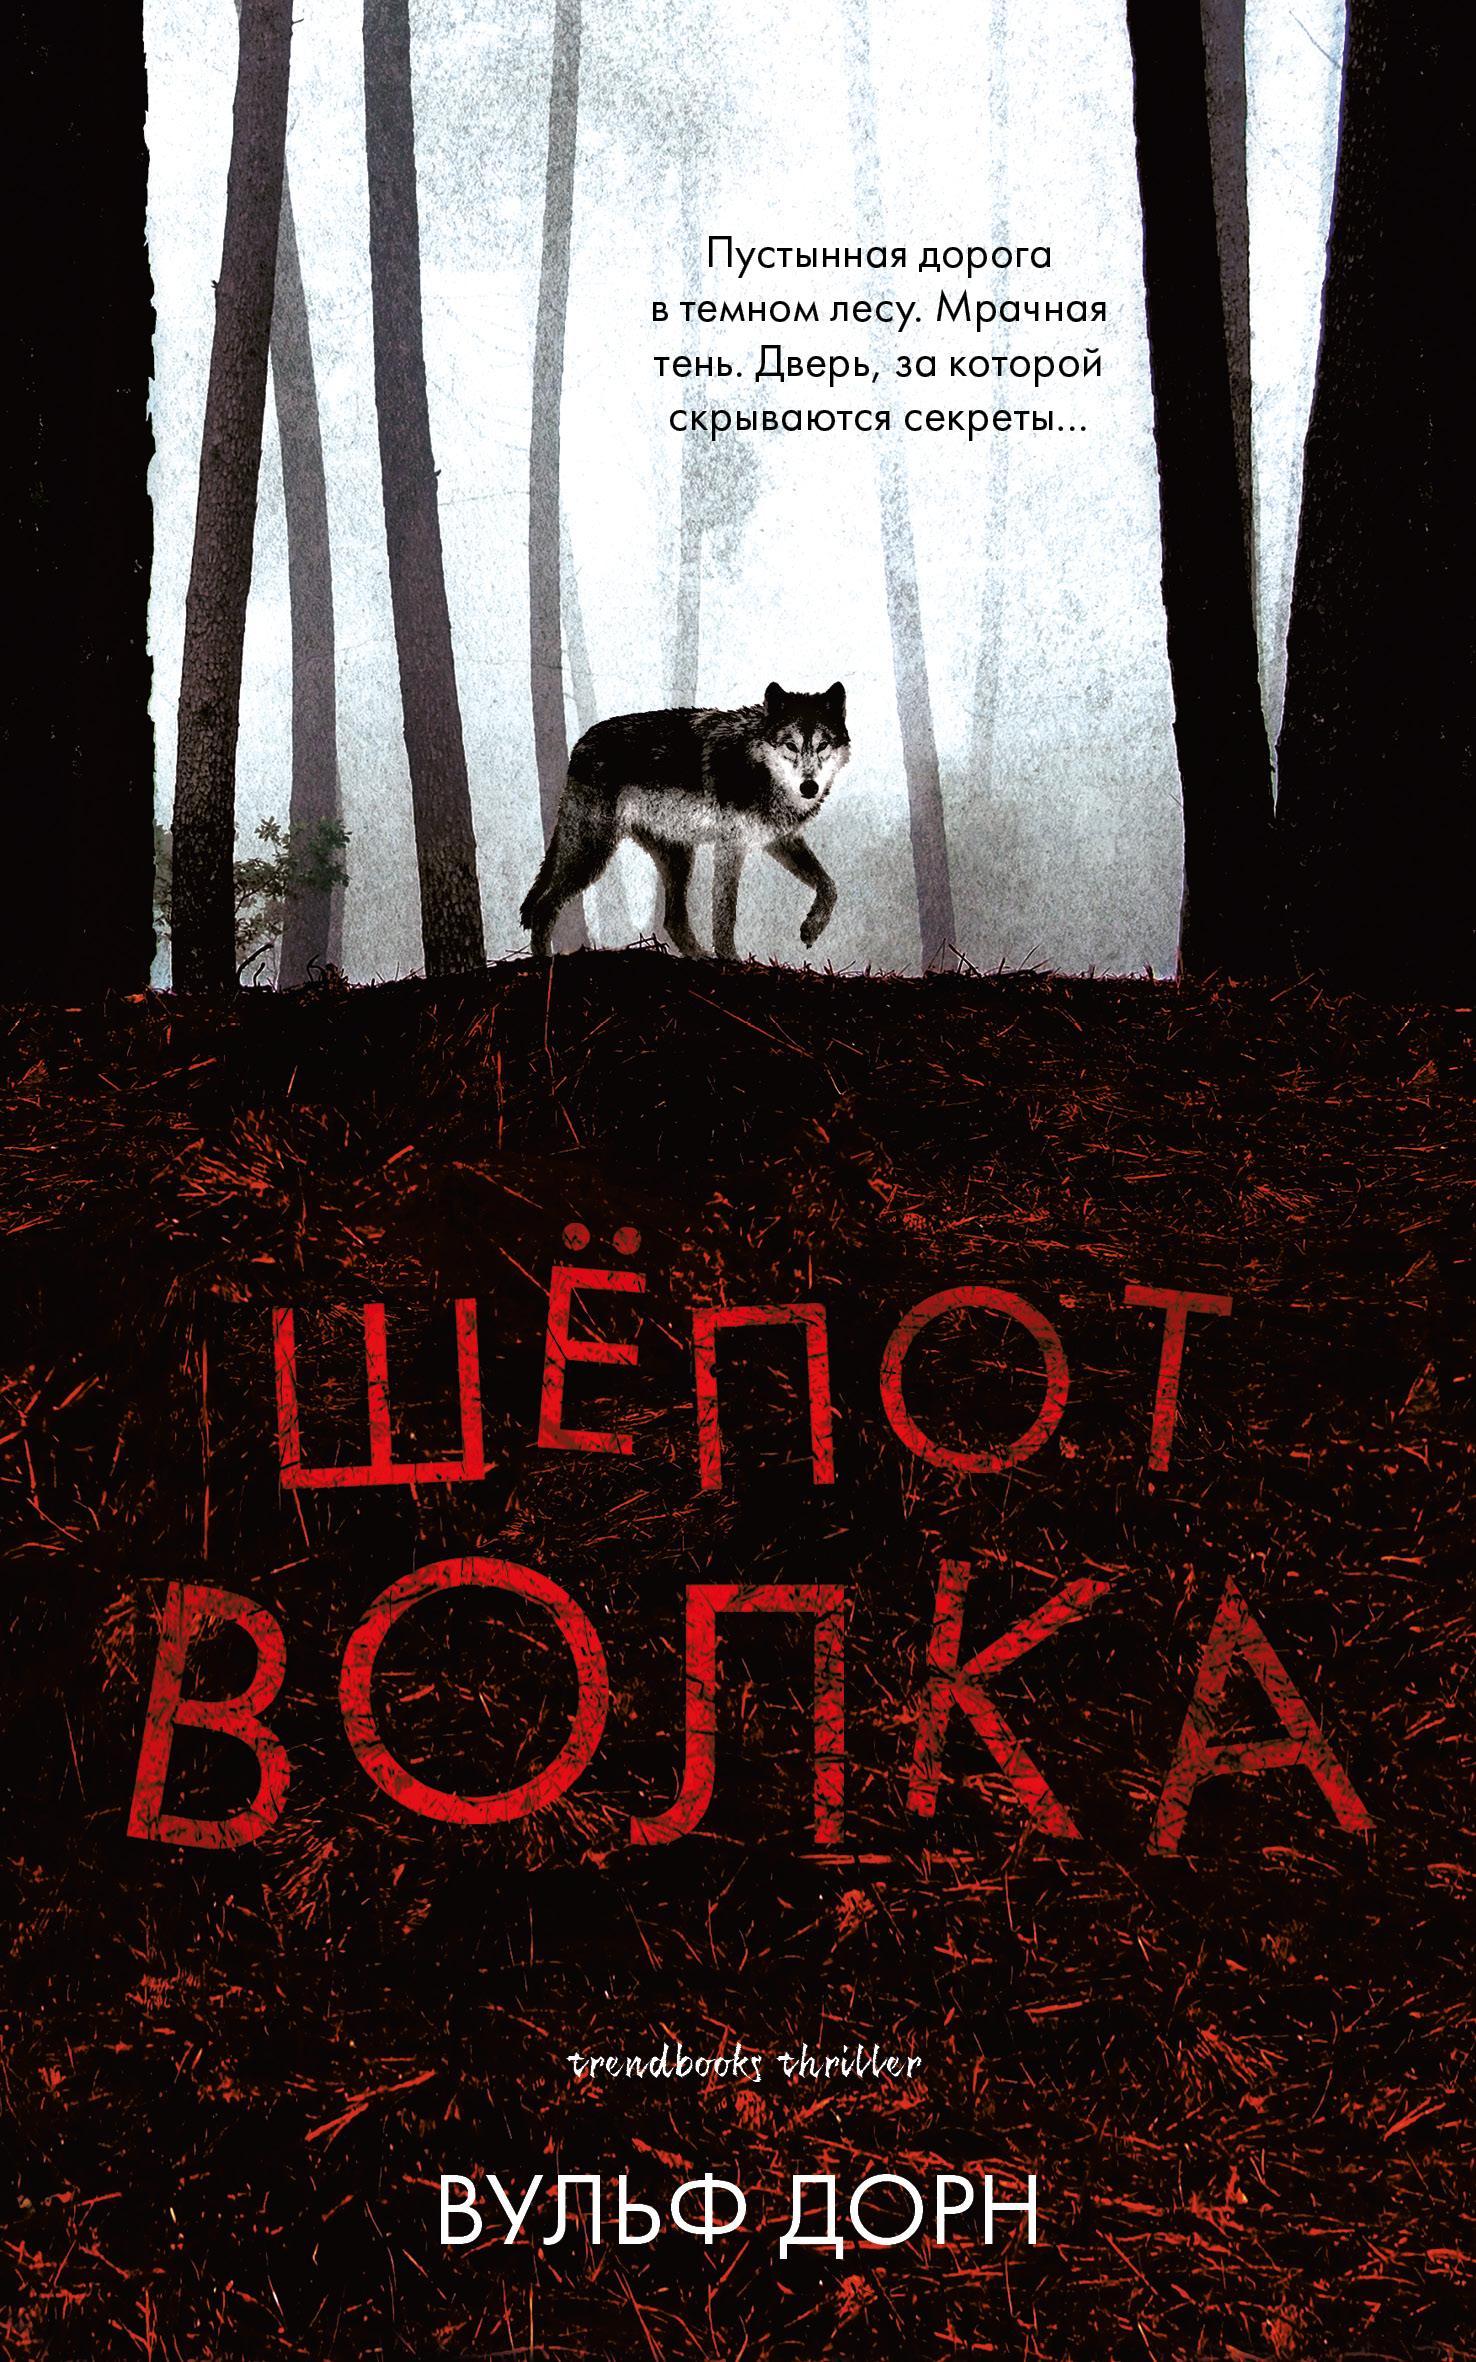 Шепот волка